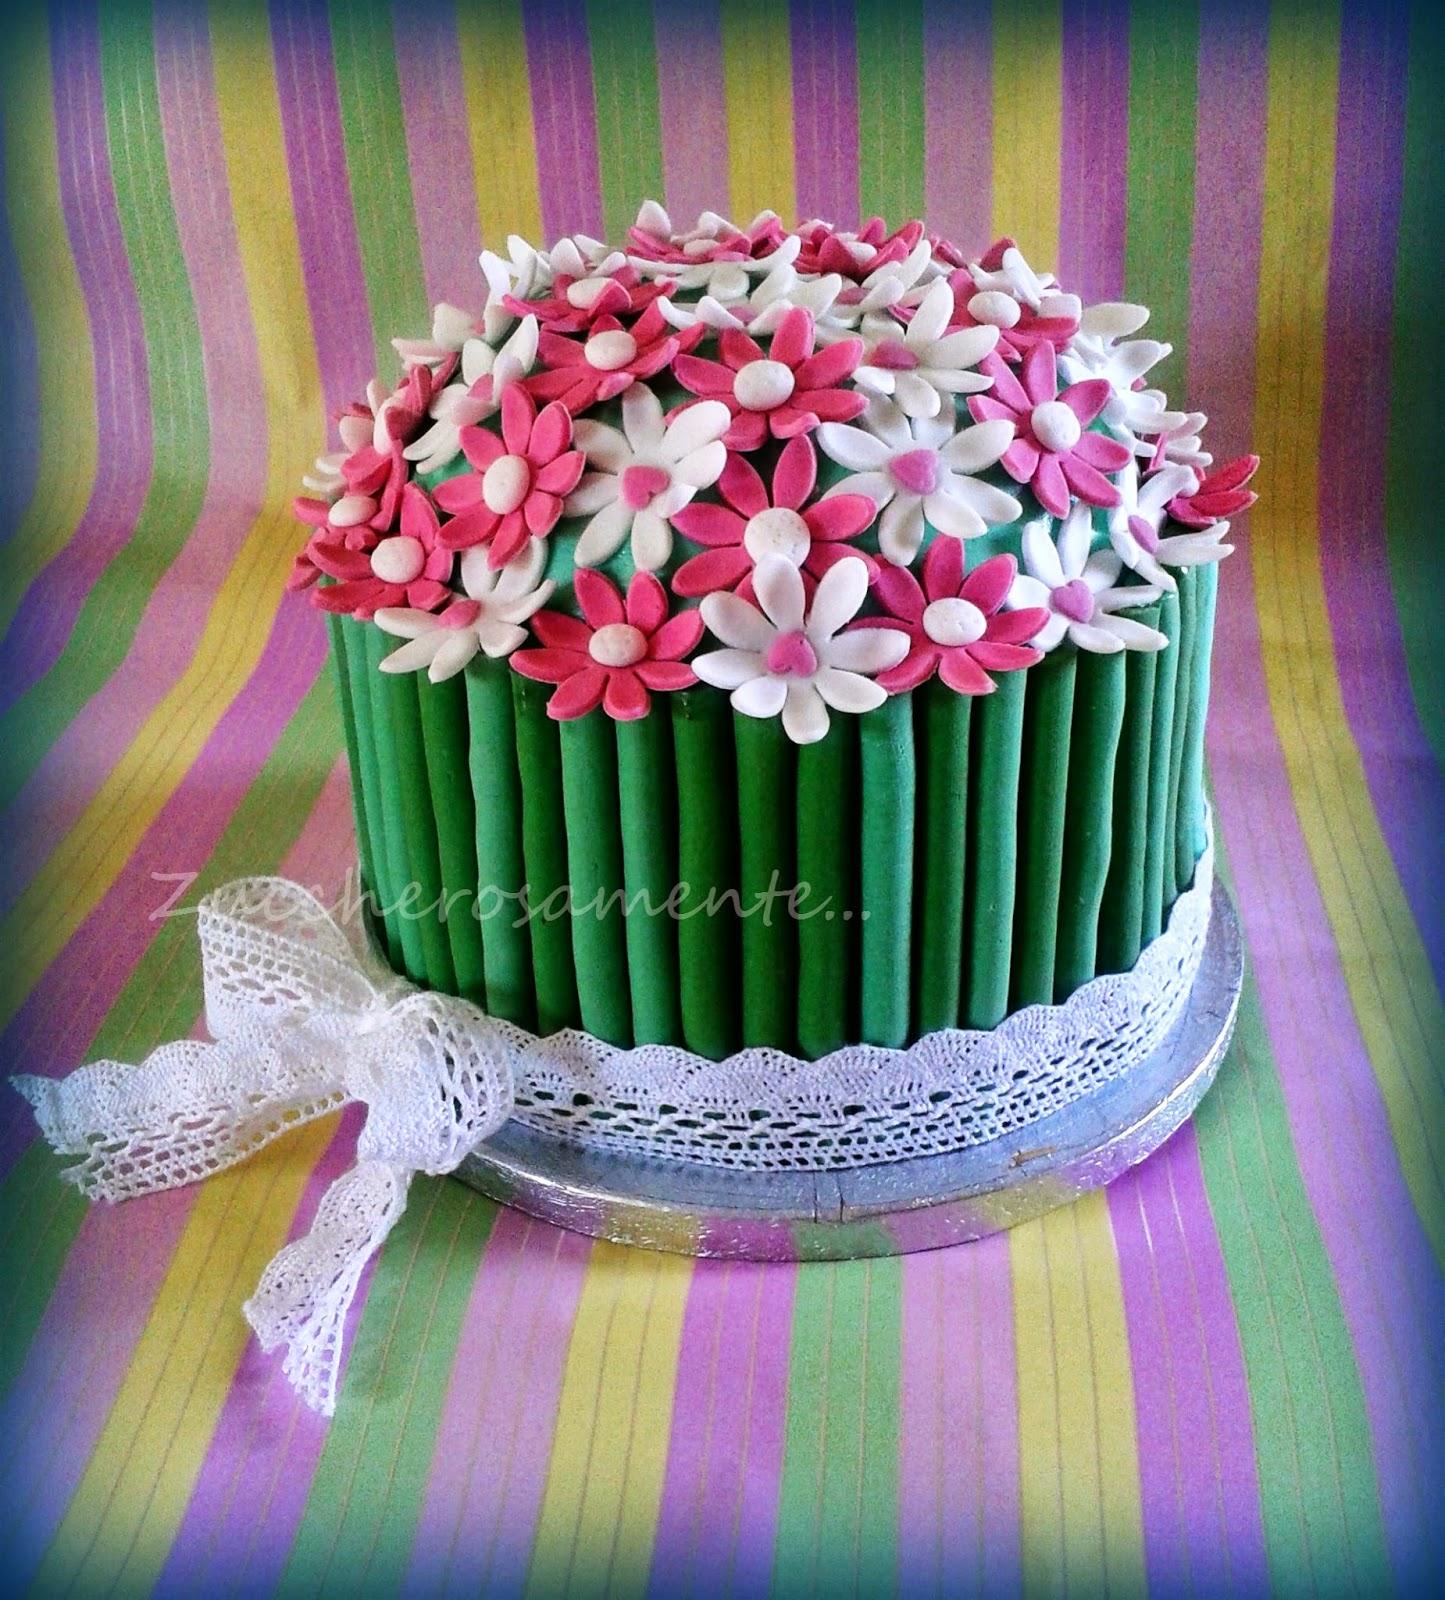 Zuccherosamente torta mazzo di margherite ne avevo gi fatta una simile durante i miei primi esperimenti con il cake designora il risultato decisamente migliore di allora thecheapjerseys Gallery